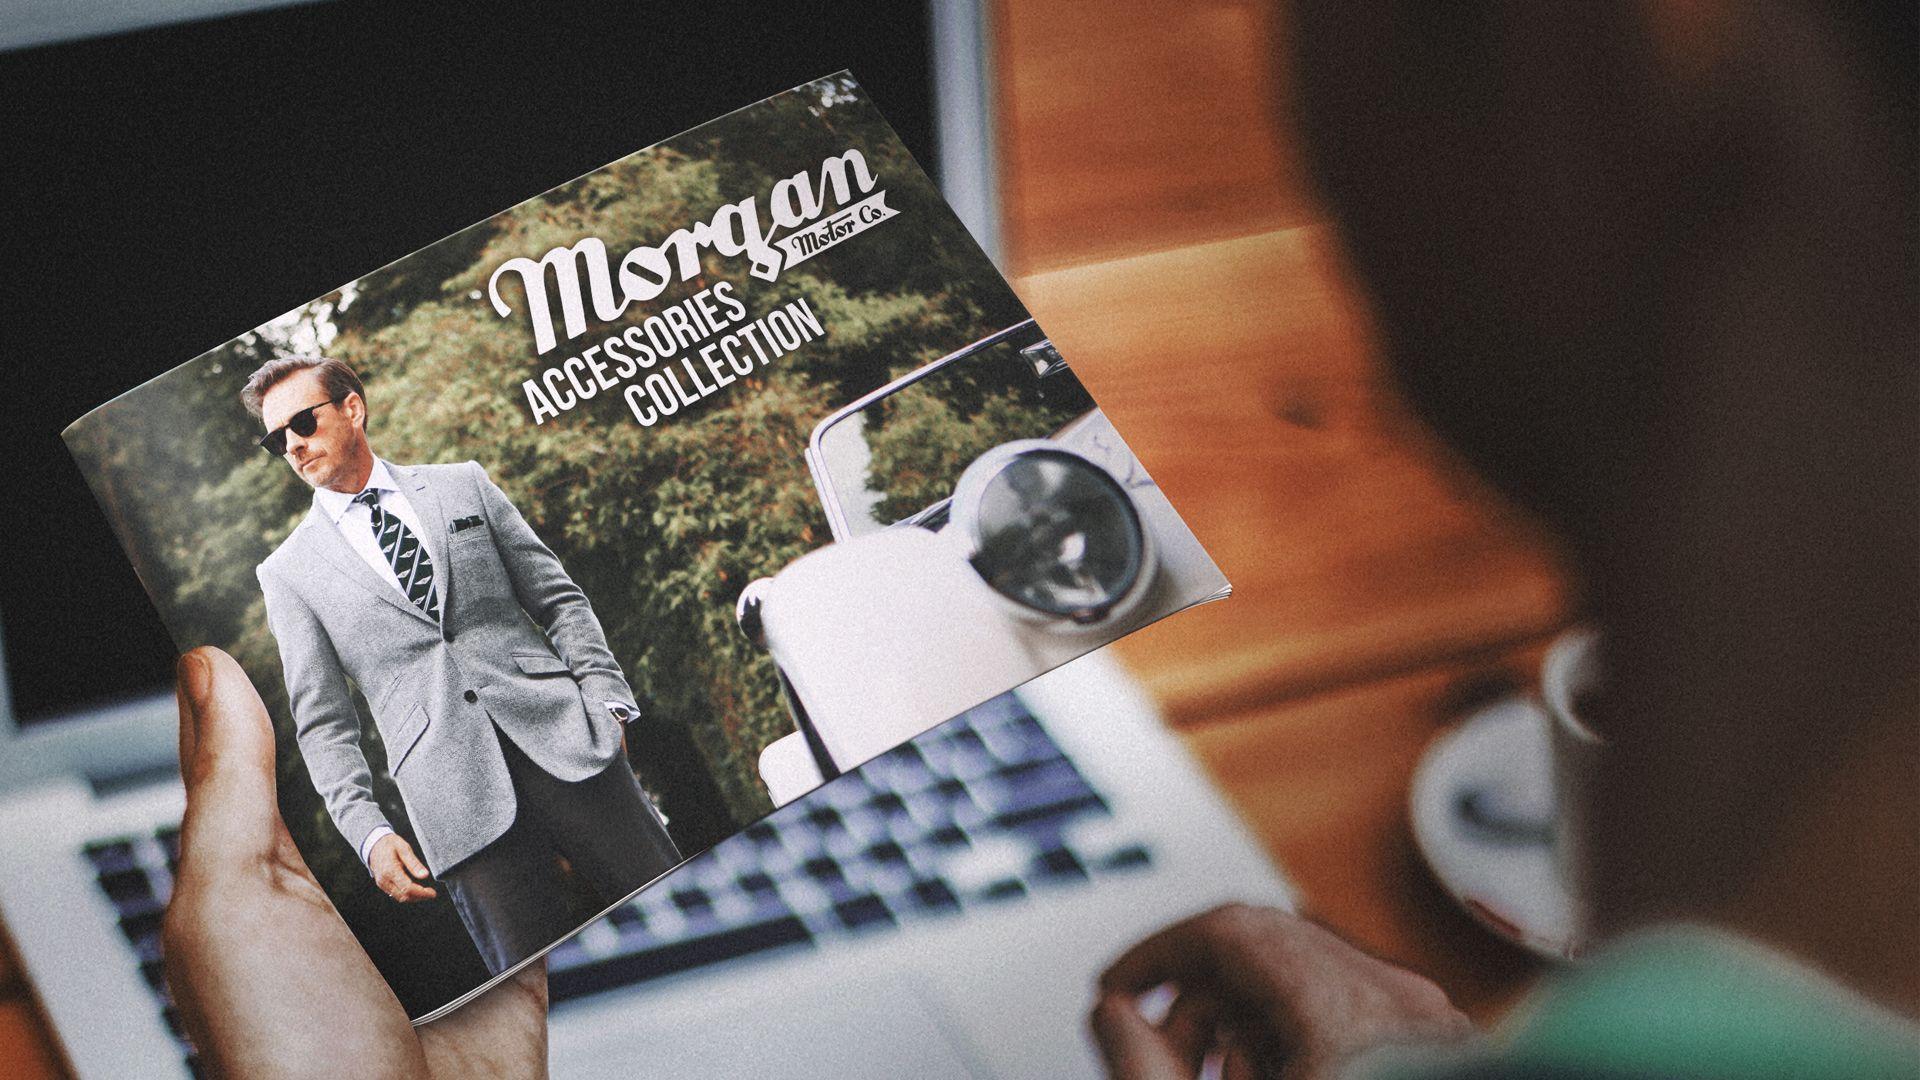 モーガン・モーター・カンパニー、新しいショップやカタログで新しいアクセサリーを展示